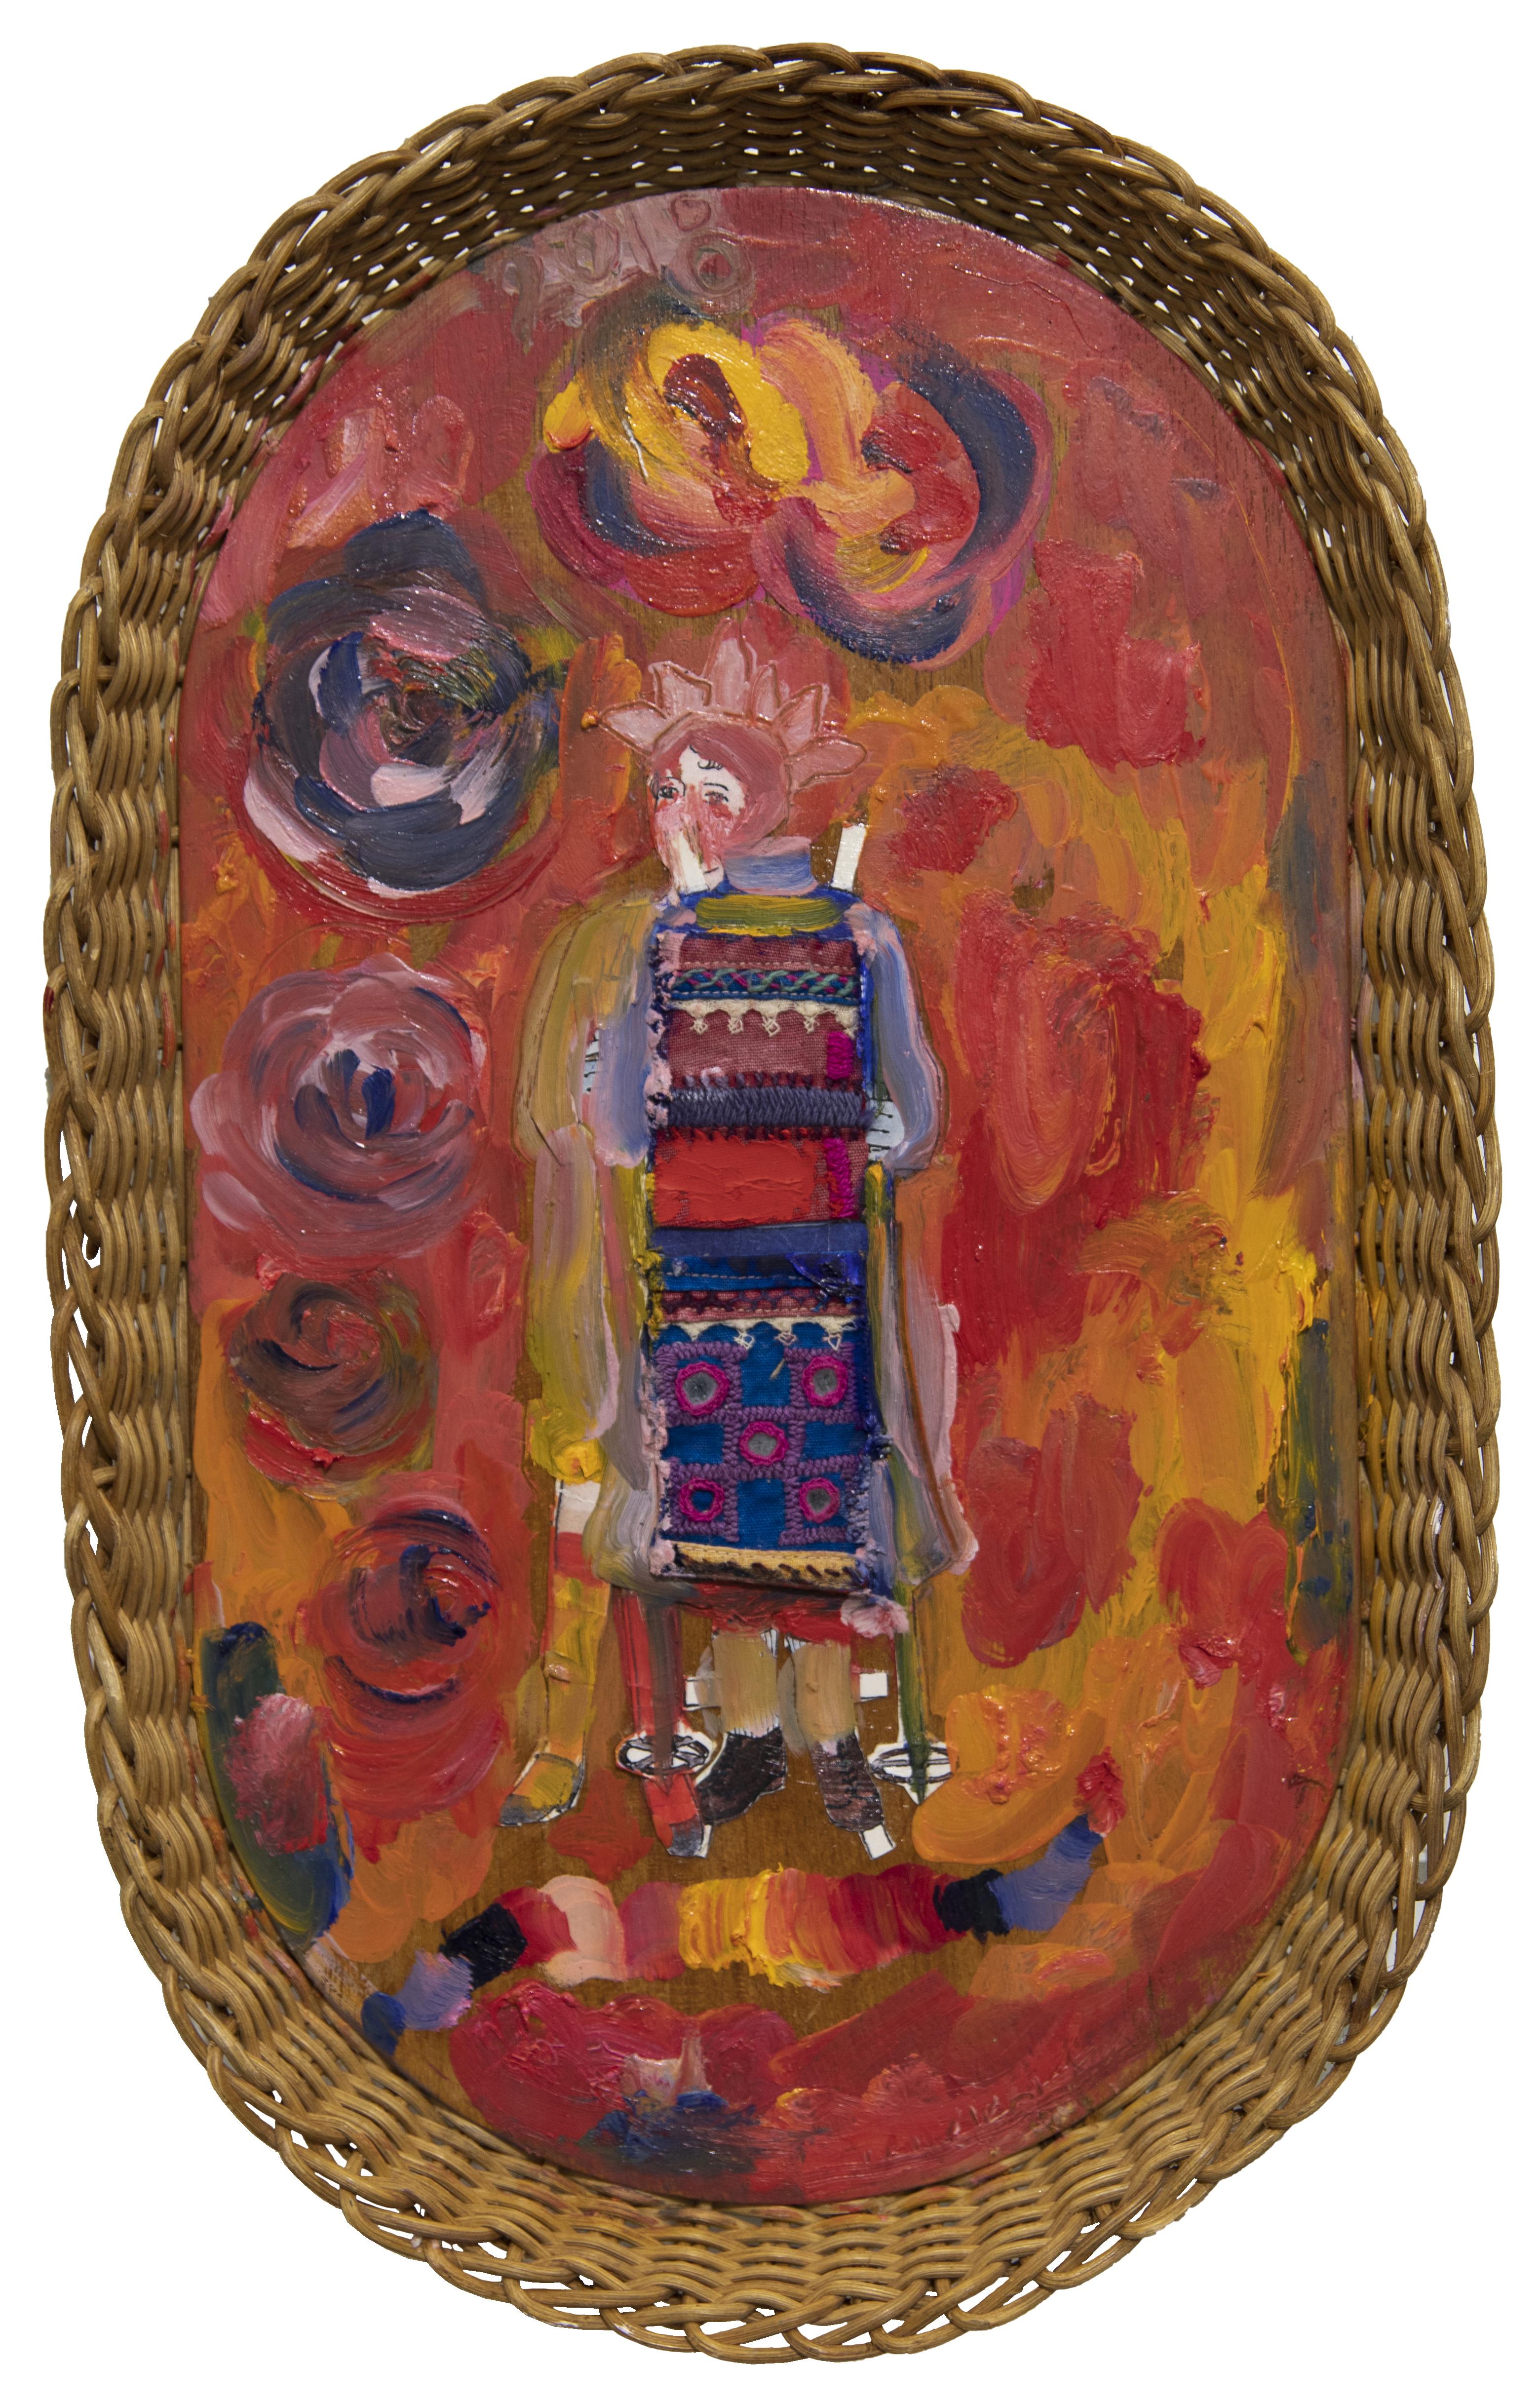 Korin pohjalle tehty maalaus. Hahmolla hattu, valkoiset kasvot, tilkkutäkkimäinen kolttu, käsissä hiihtosauvat. Taustalla kukkia ja kirkkaanpunaisen ja keltaisen sävyjä.